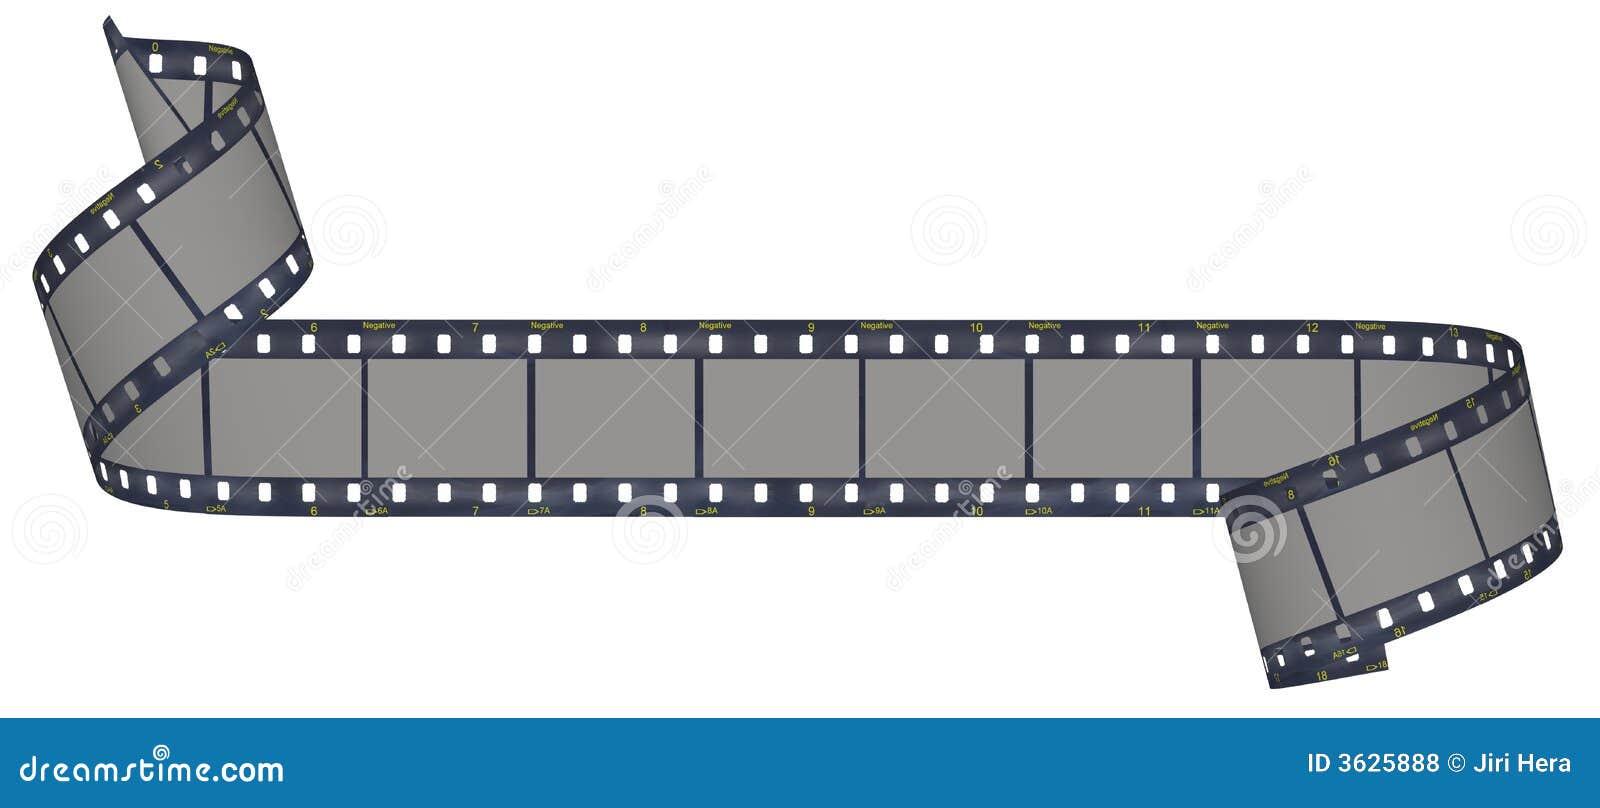 Pellicola E Striscia Della Macchina Fotografica Illustrazione Di Stock Illustrazione Di Filigrana Nero 3625888